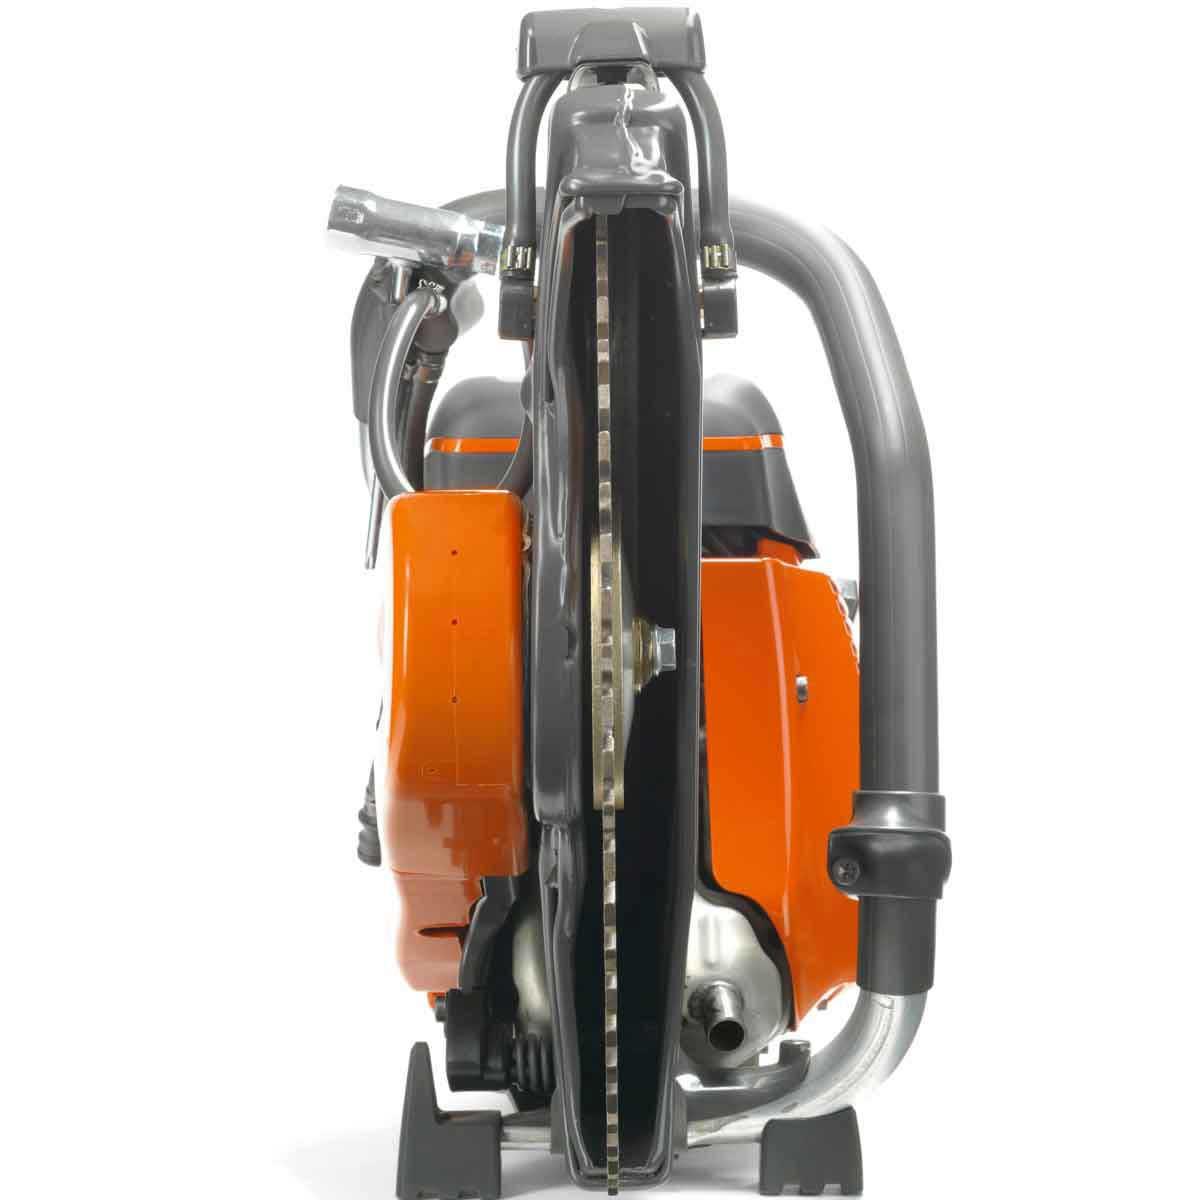 Husqvarna K760 II Power cutter side